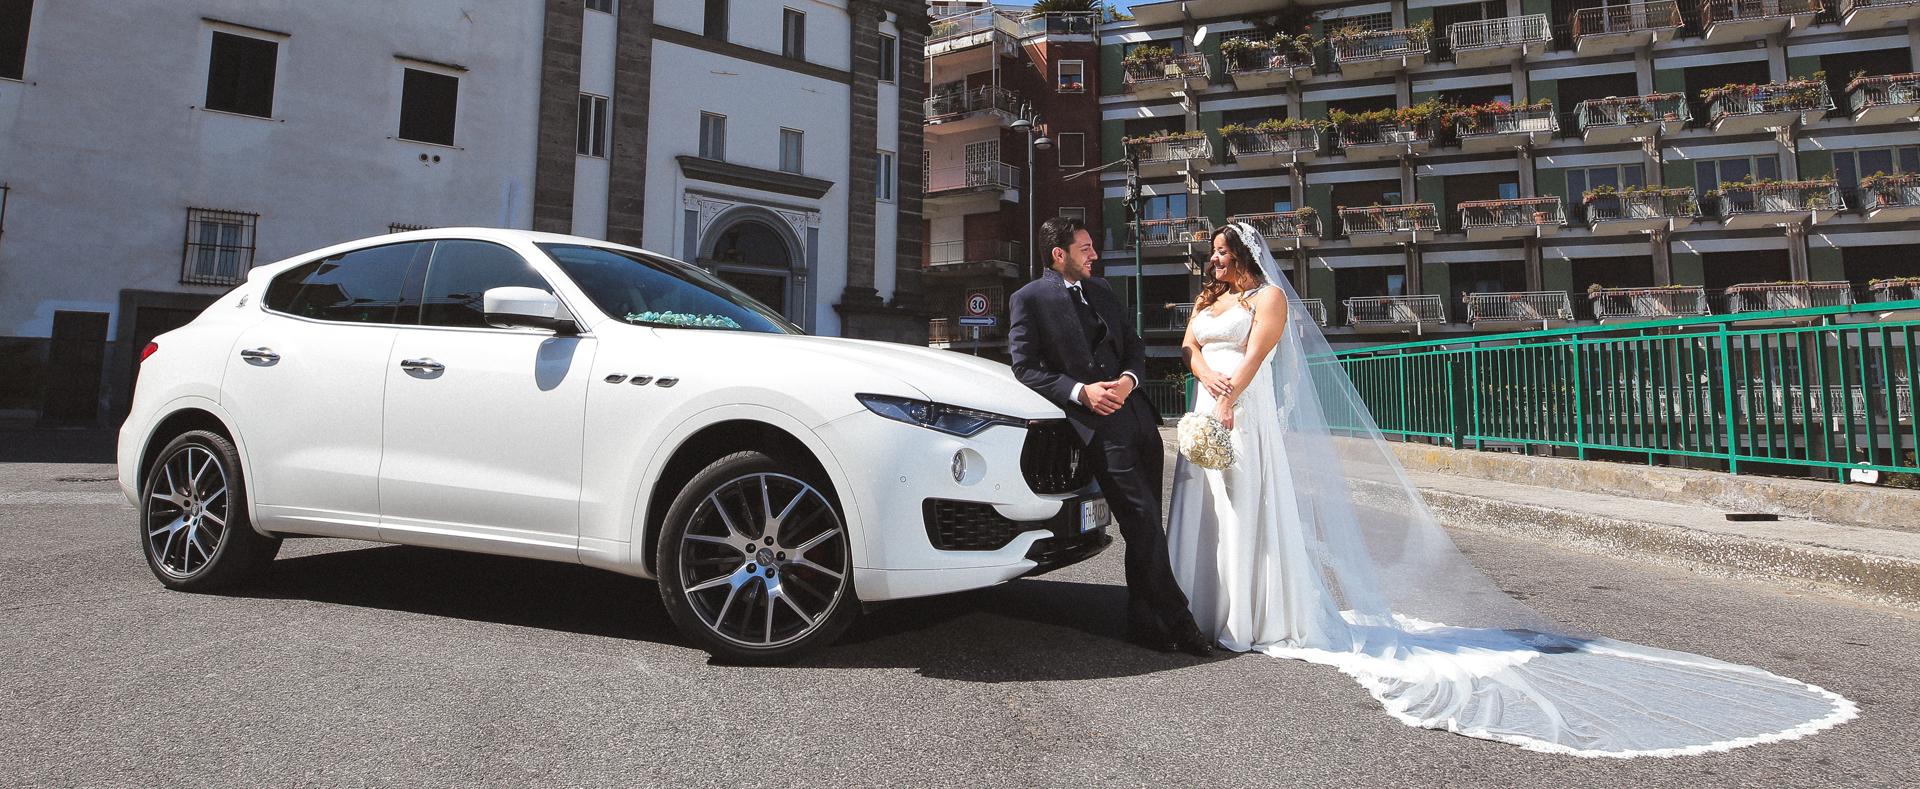 noleggio Maserati per matrimonio